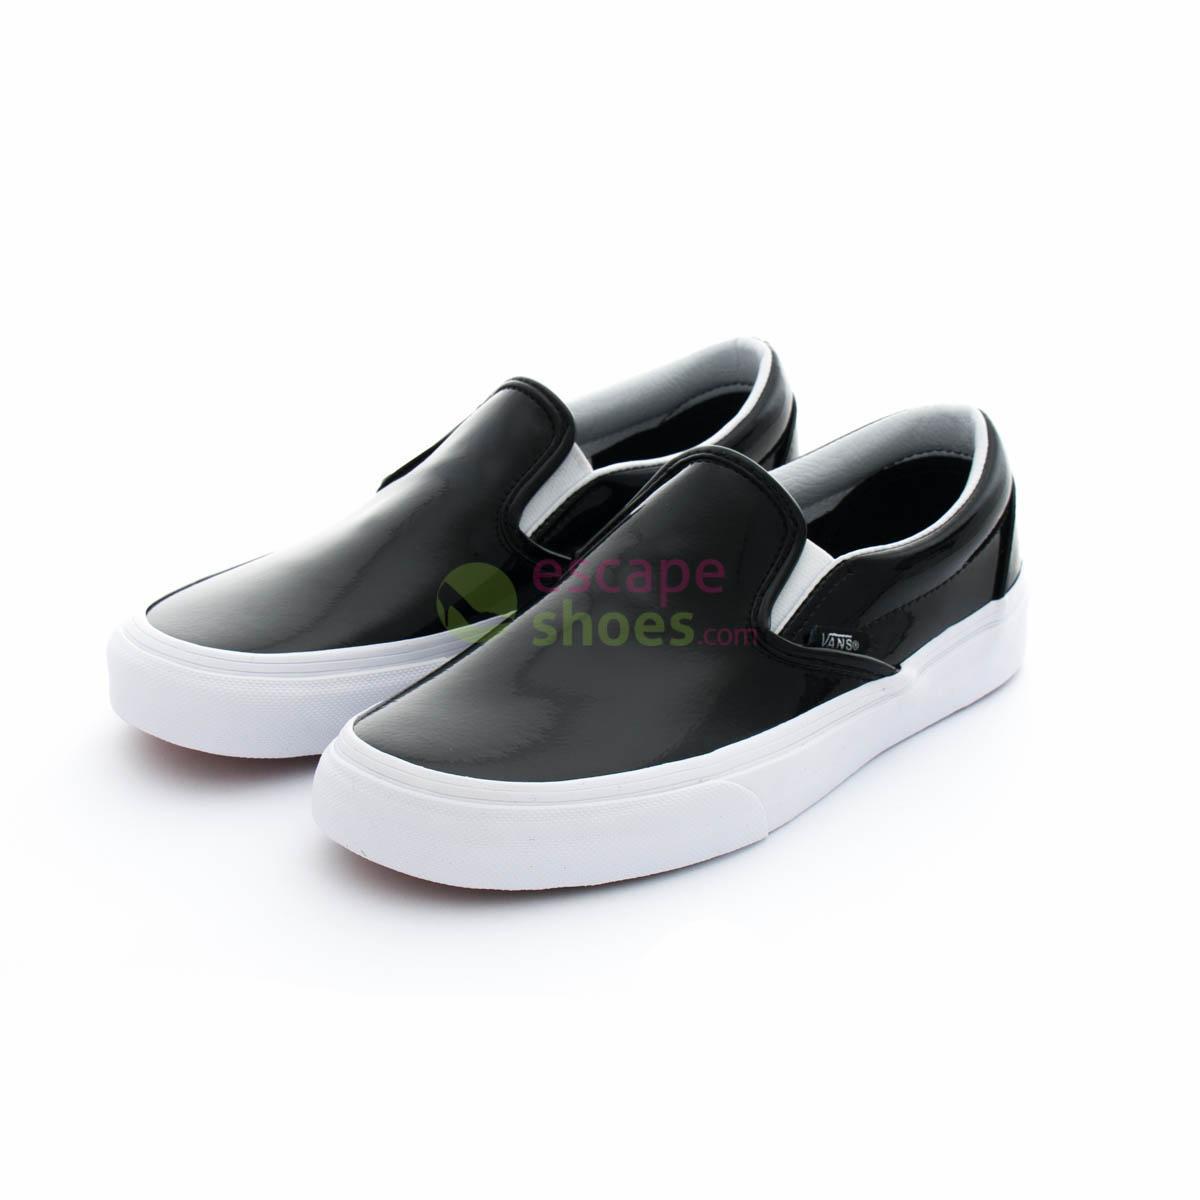 55e74398bb9 Buy your Sneakers VANS Classic Slip On Tumble Patent Black V3Z4IWN ...